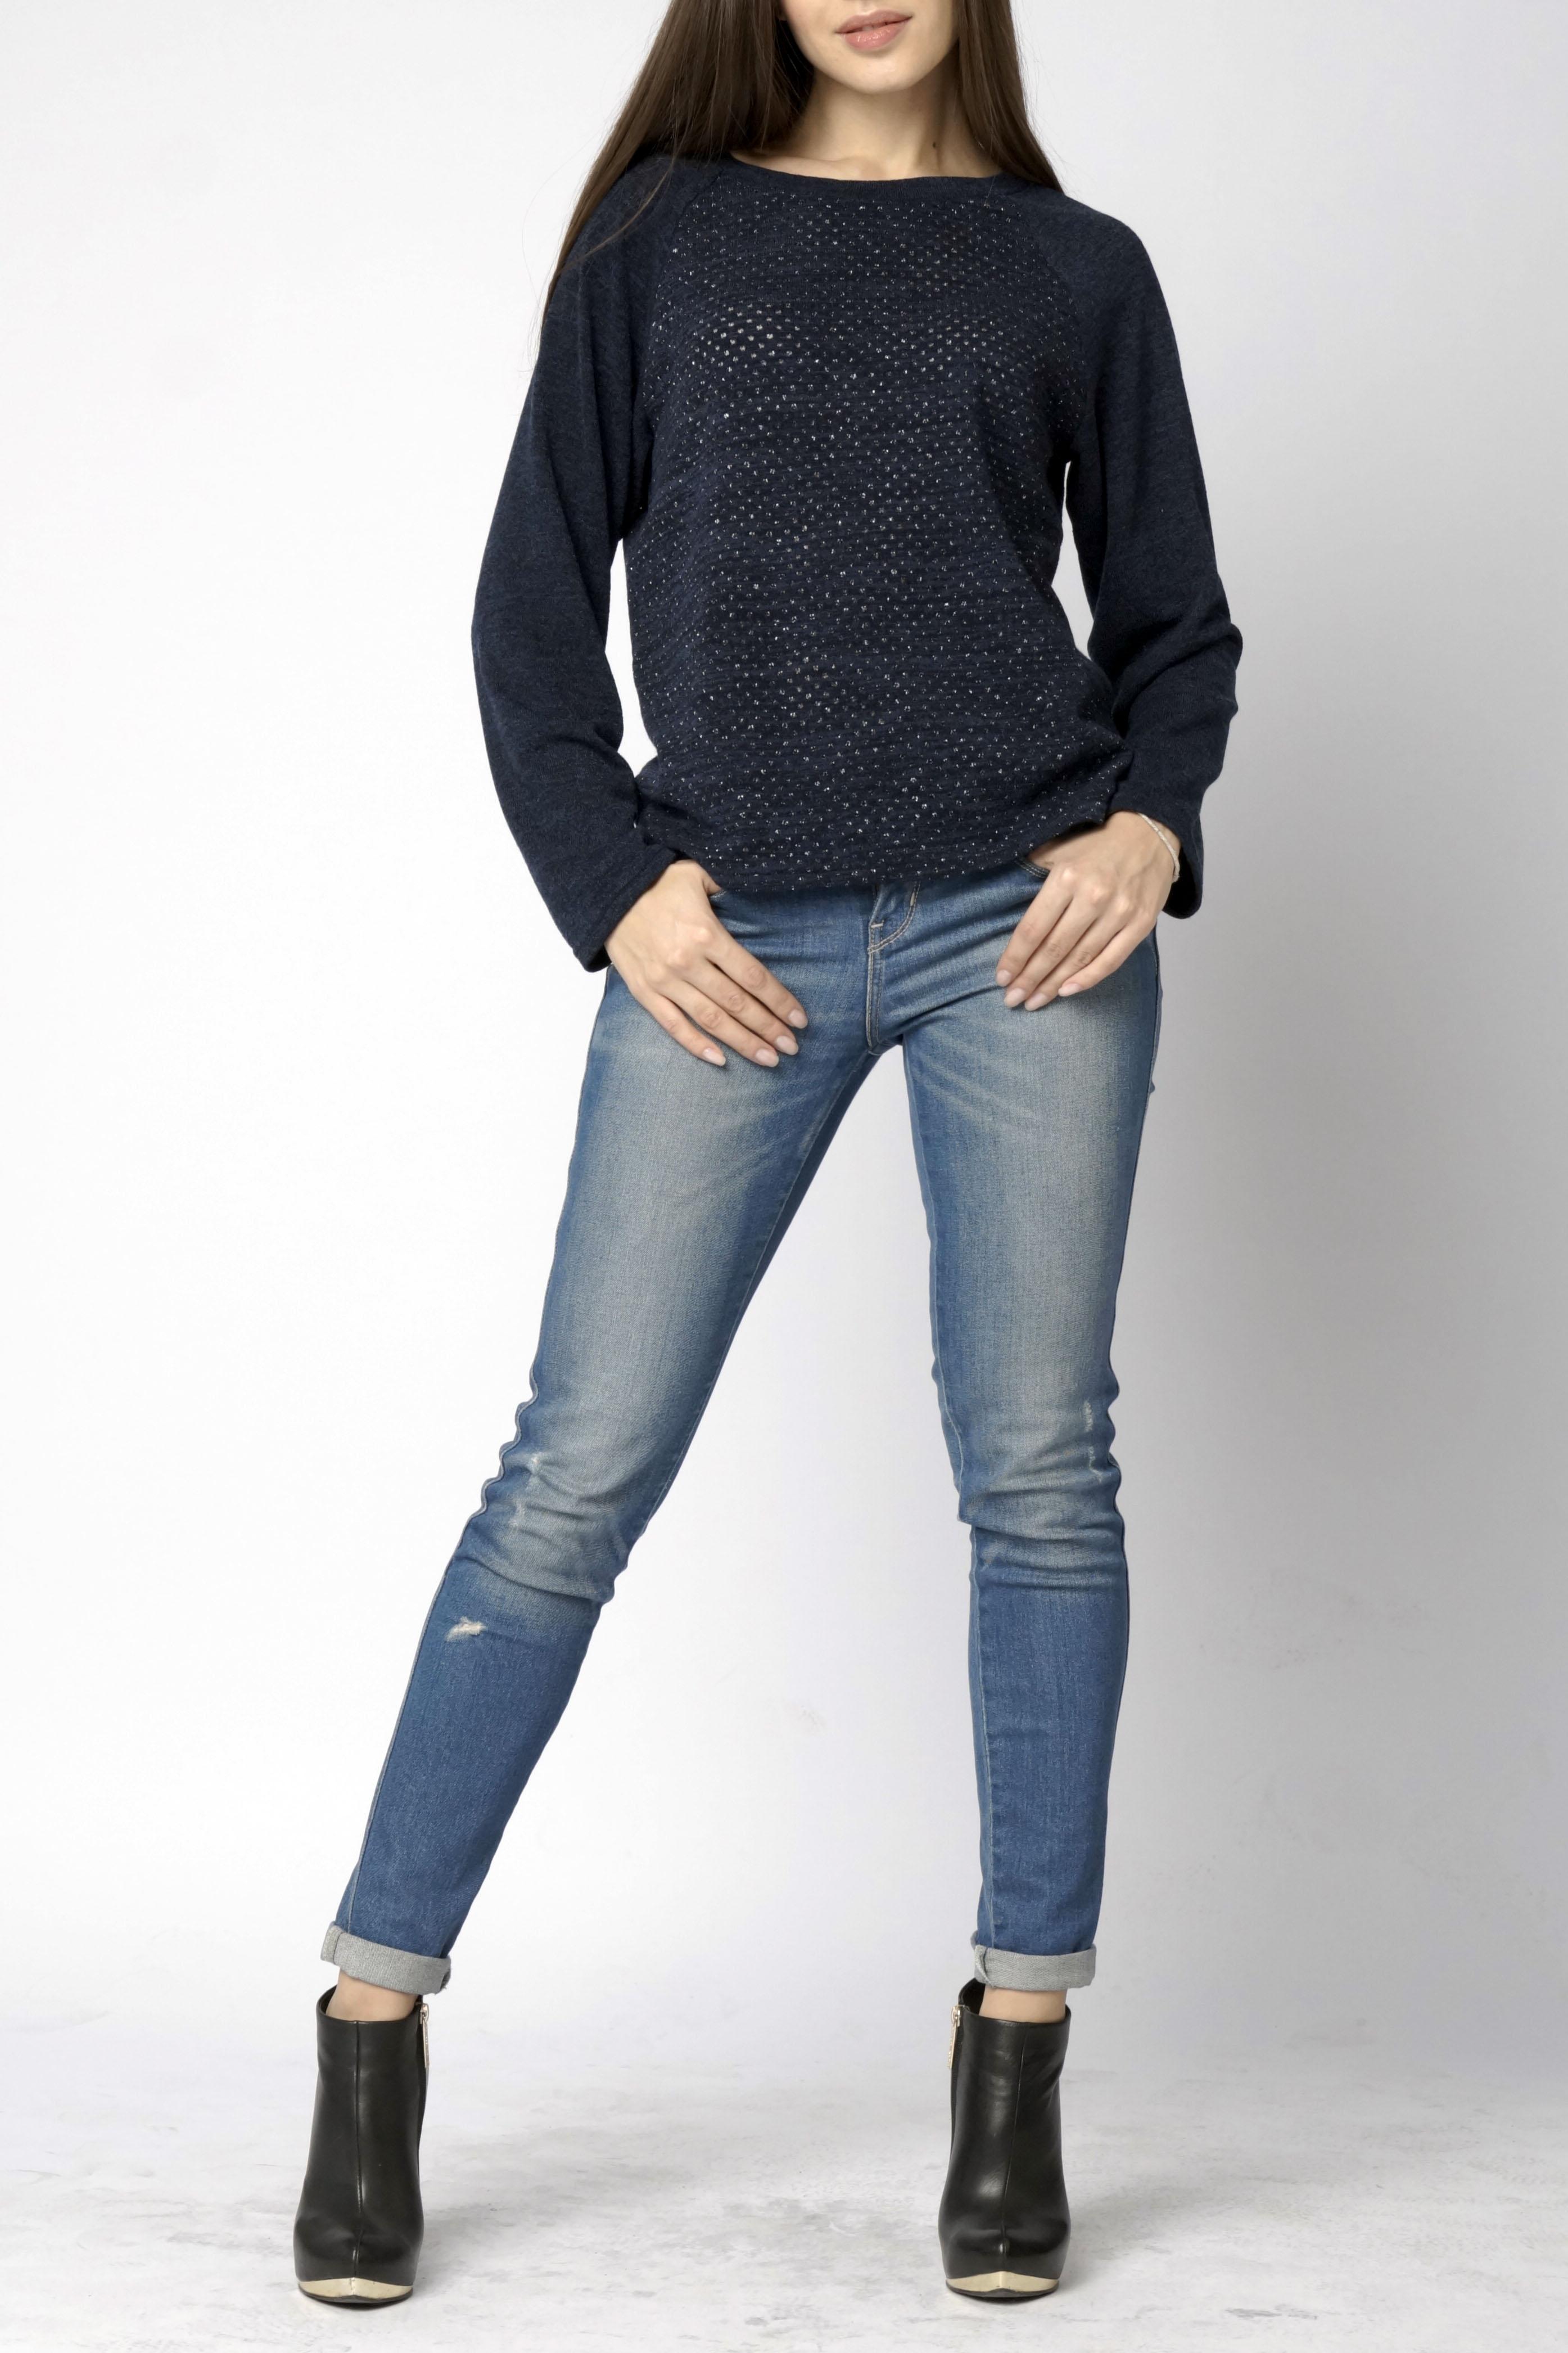 БлузкаДжемперы<br>Уютная блуза прямого кроя из комфортного трикотажного полотна с длинным перфорированным рукавом реглан и круглым вырезом горловины.  Длина изделия 58 см.  В изделии использованы цвета: синий  Ростовка изделия 170 см.<br><br>Горловина: С- горловина<br>По материалу: Трикотаж<br>По рисунку: Однотонные<br>По силуэту: Свободные<br>По стилю: Кэжуал,Молодежный стиль,Повседневный стиль<br>Рукав: Длинный рукав<br>По сезону: Осень,Весна<br>Размер : 44-46,48-50<br>Материал: Трикотаж<br>Количество в наличии: 2